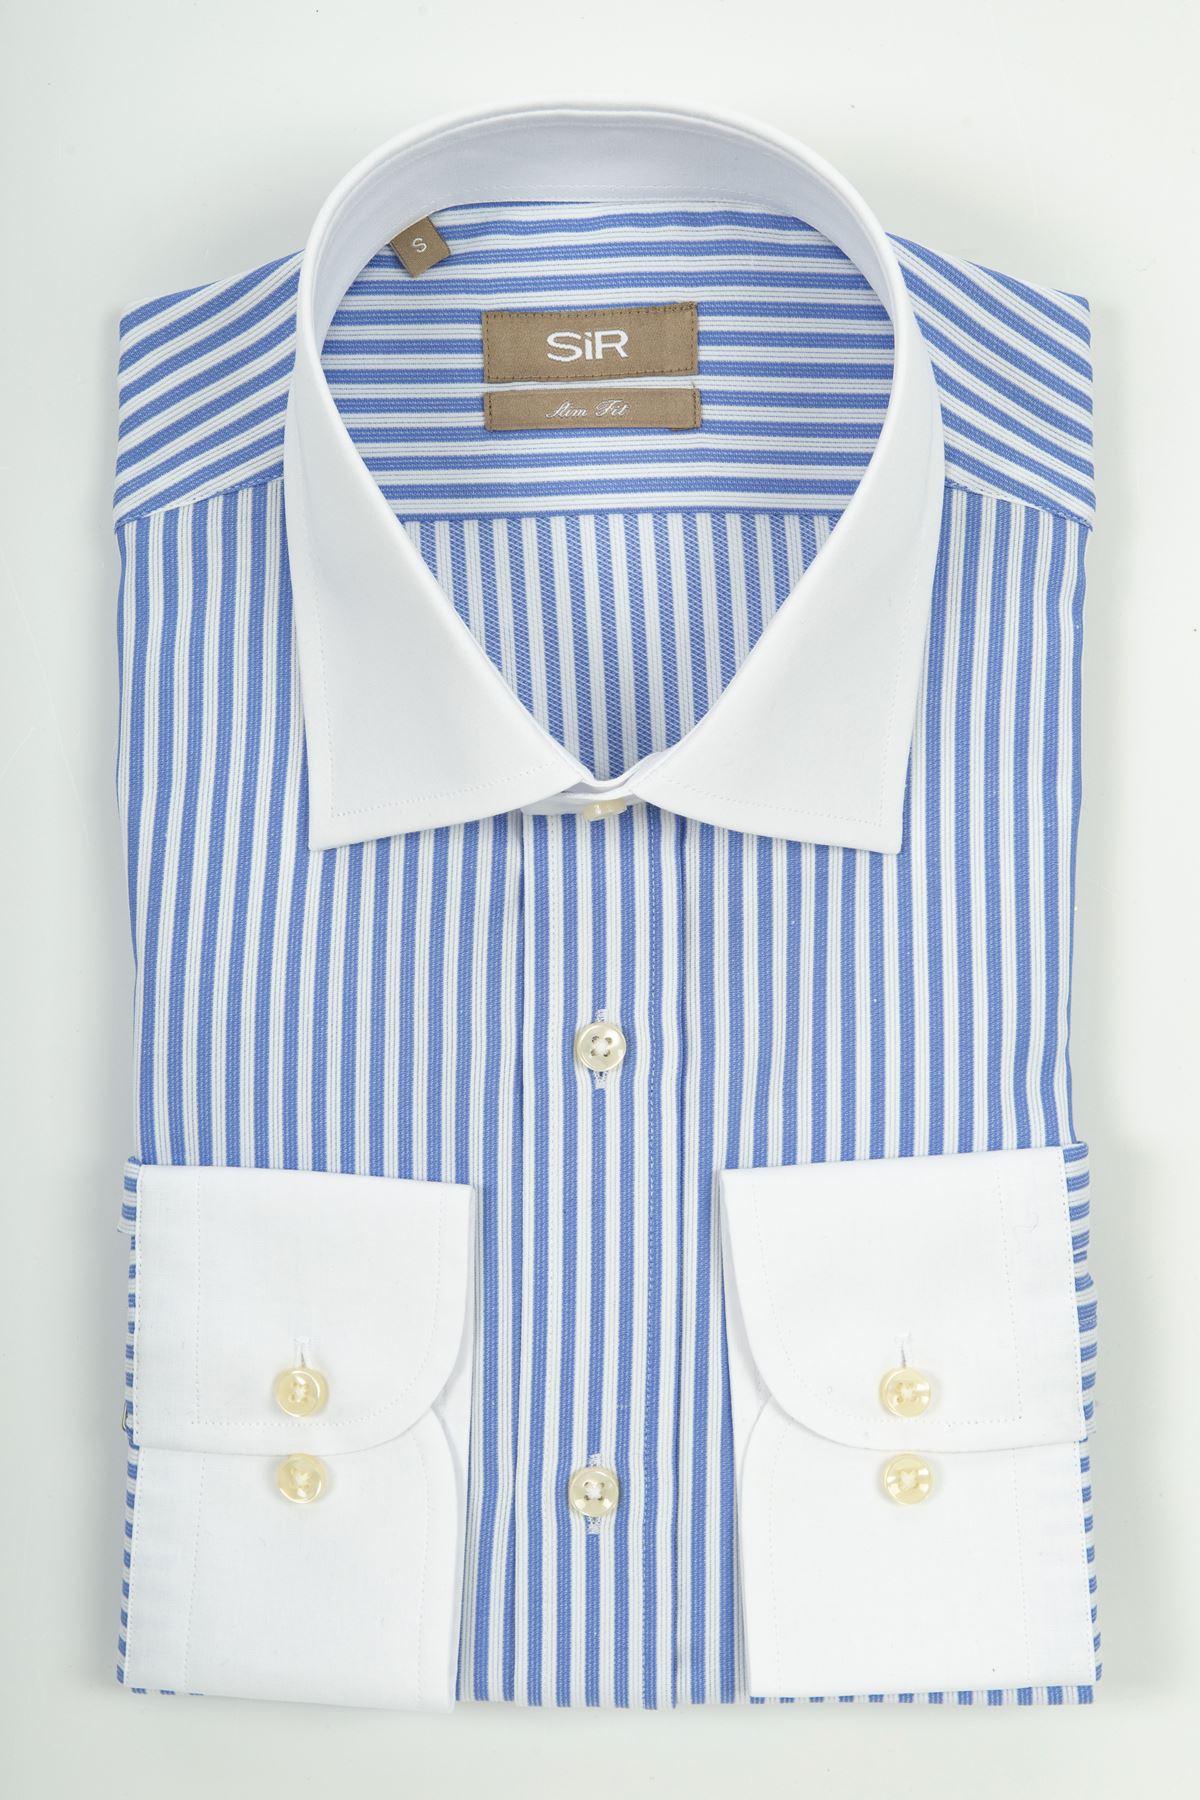 Mavi Beyaz Çizgili Düz Beyaz Yaka Ve Cep Detaylı Gömlek